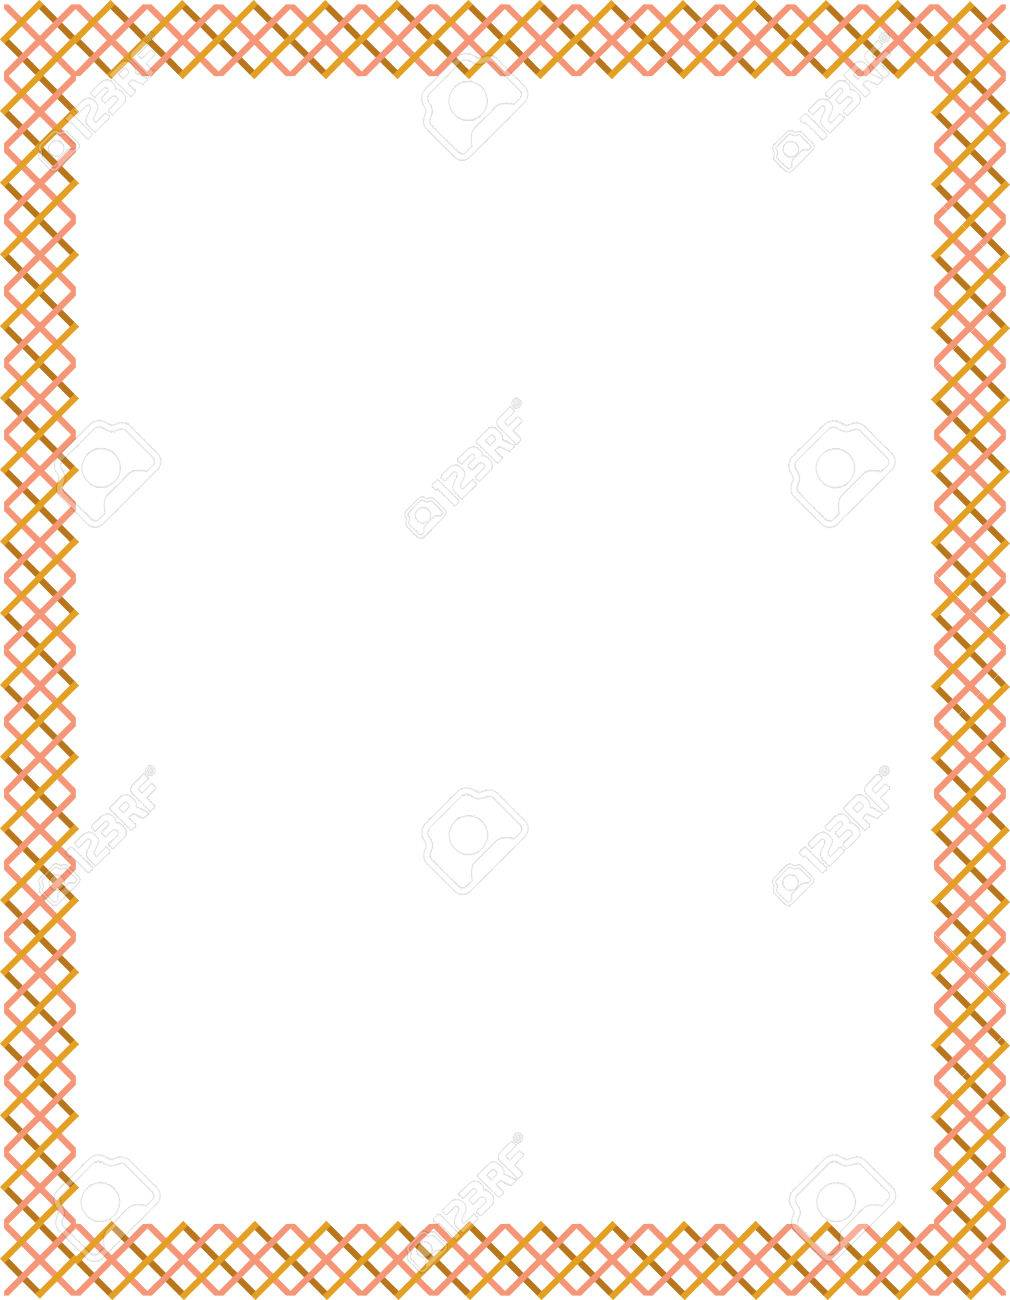 Tiled ornate border frame, Colored Stock Vector - 24306640